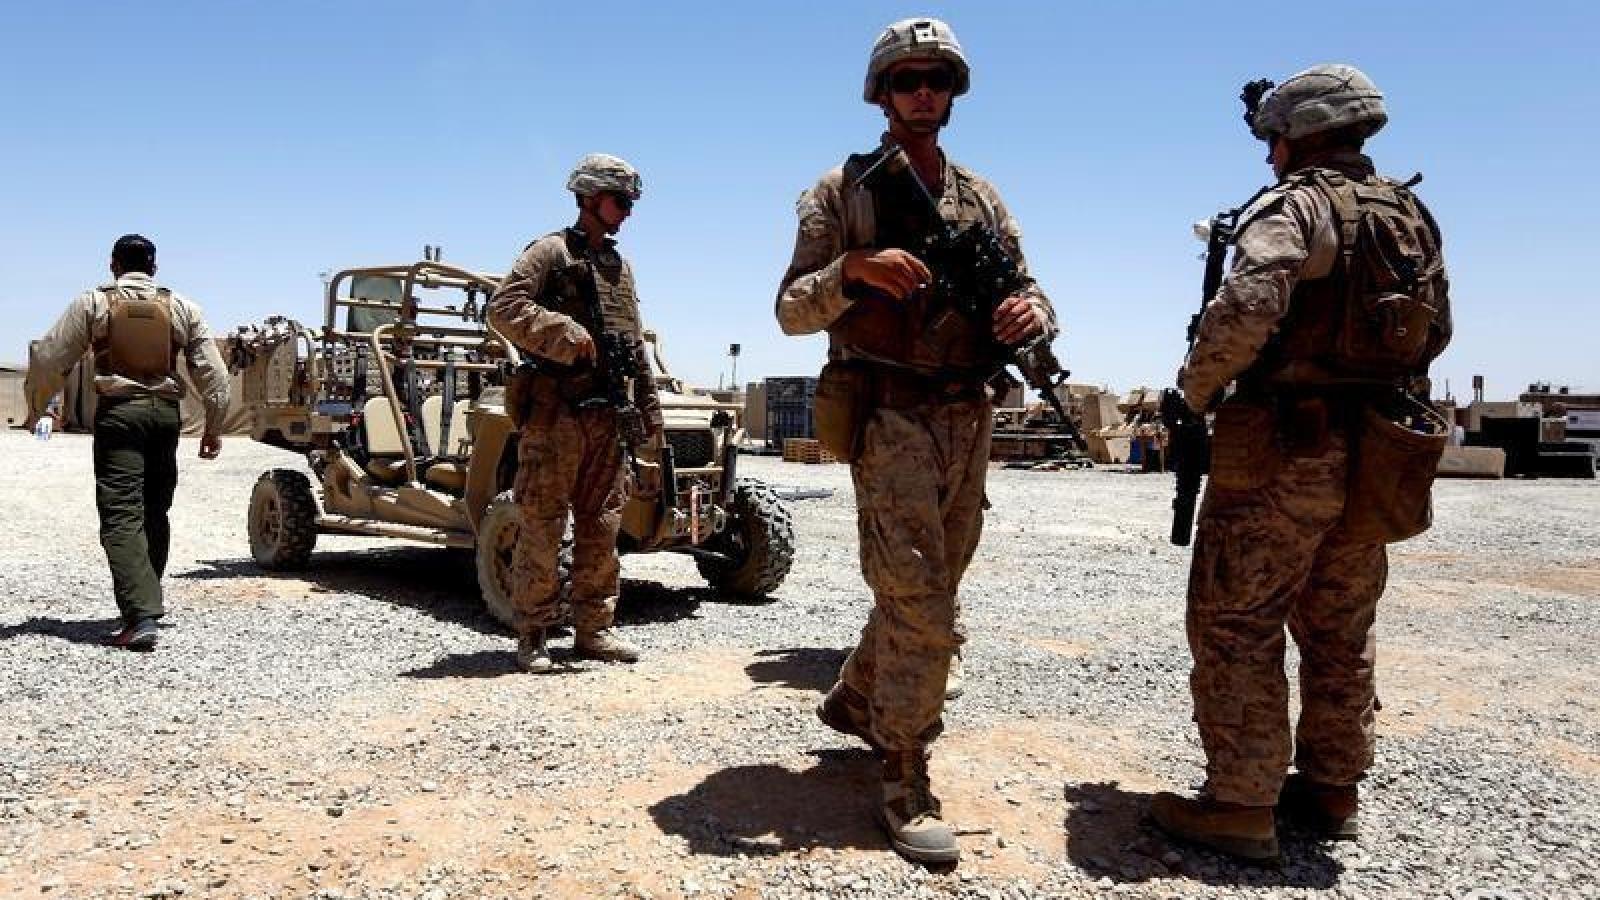 Chính quyền Tổng thống Joe Biden chưa có kế hoạch rút quân khỏi Afghanistan